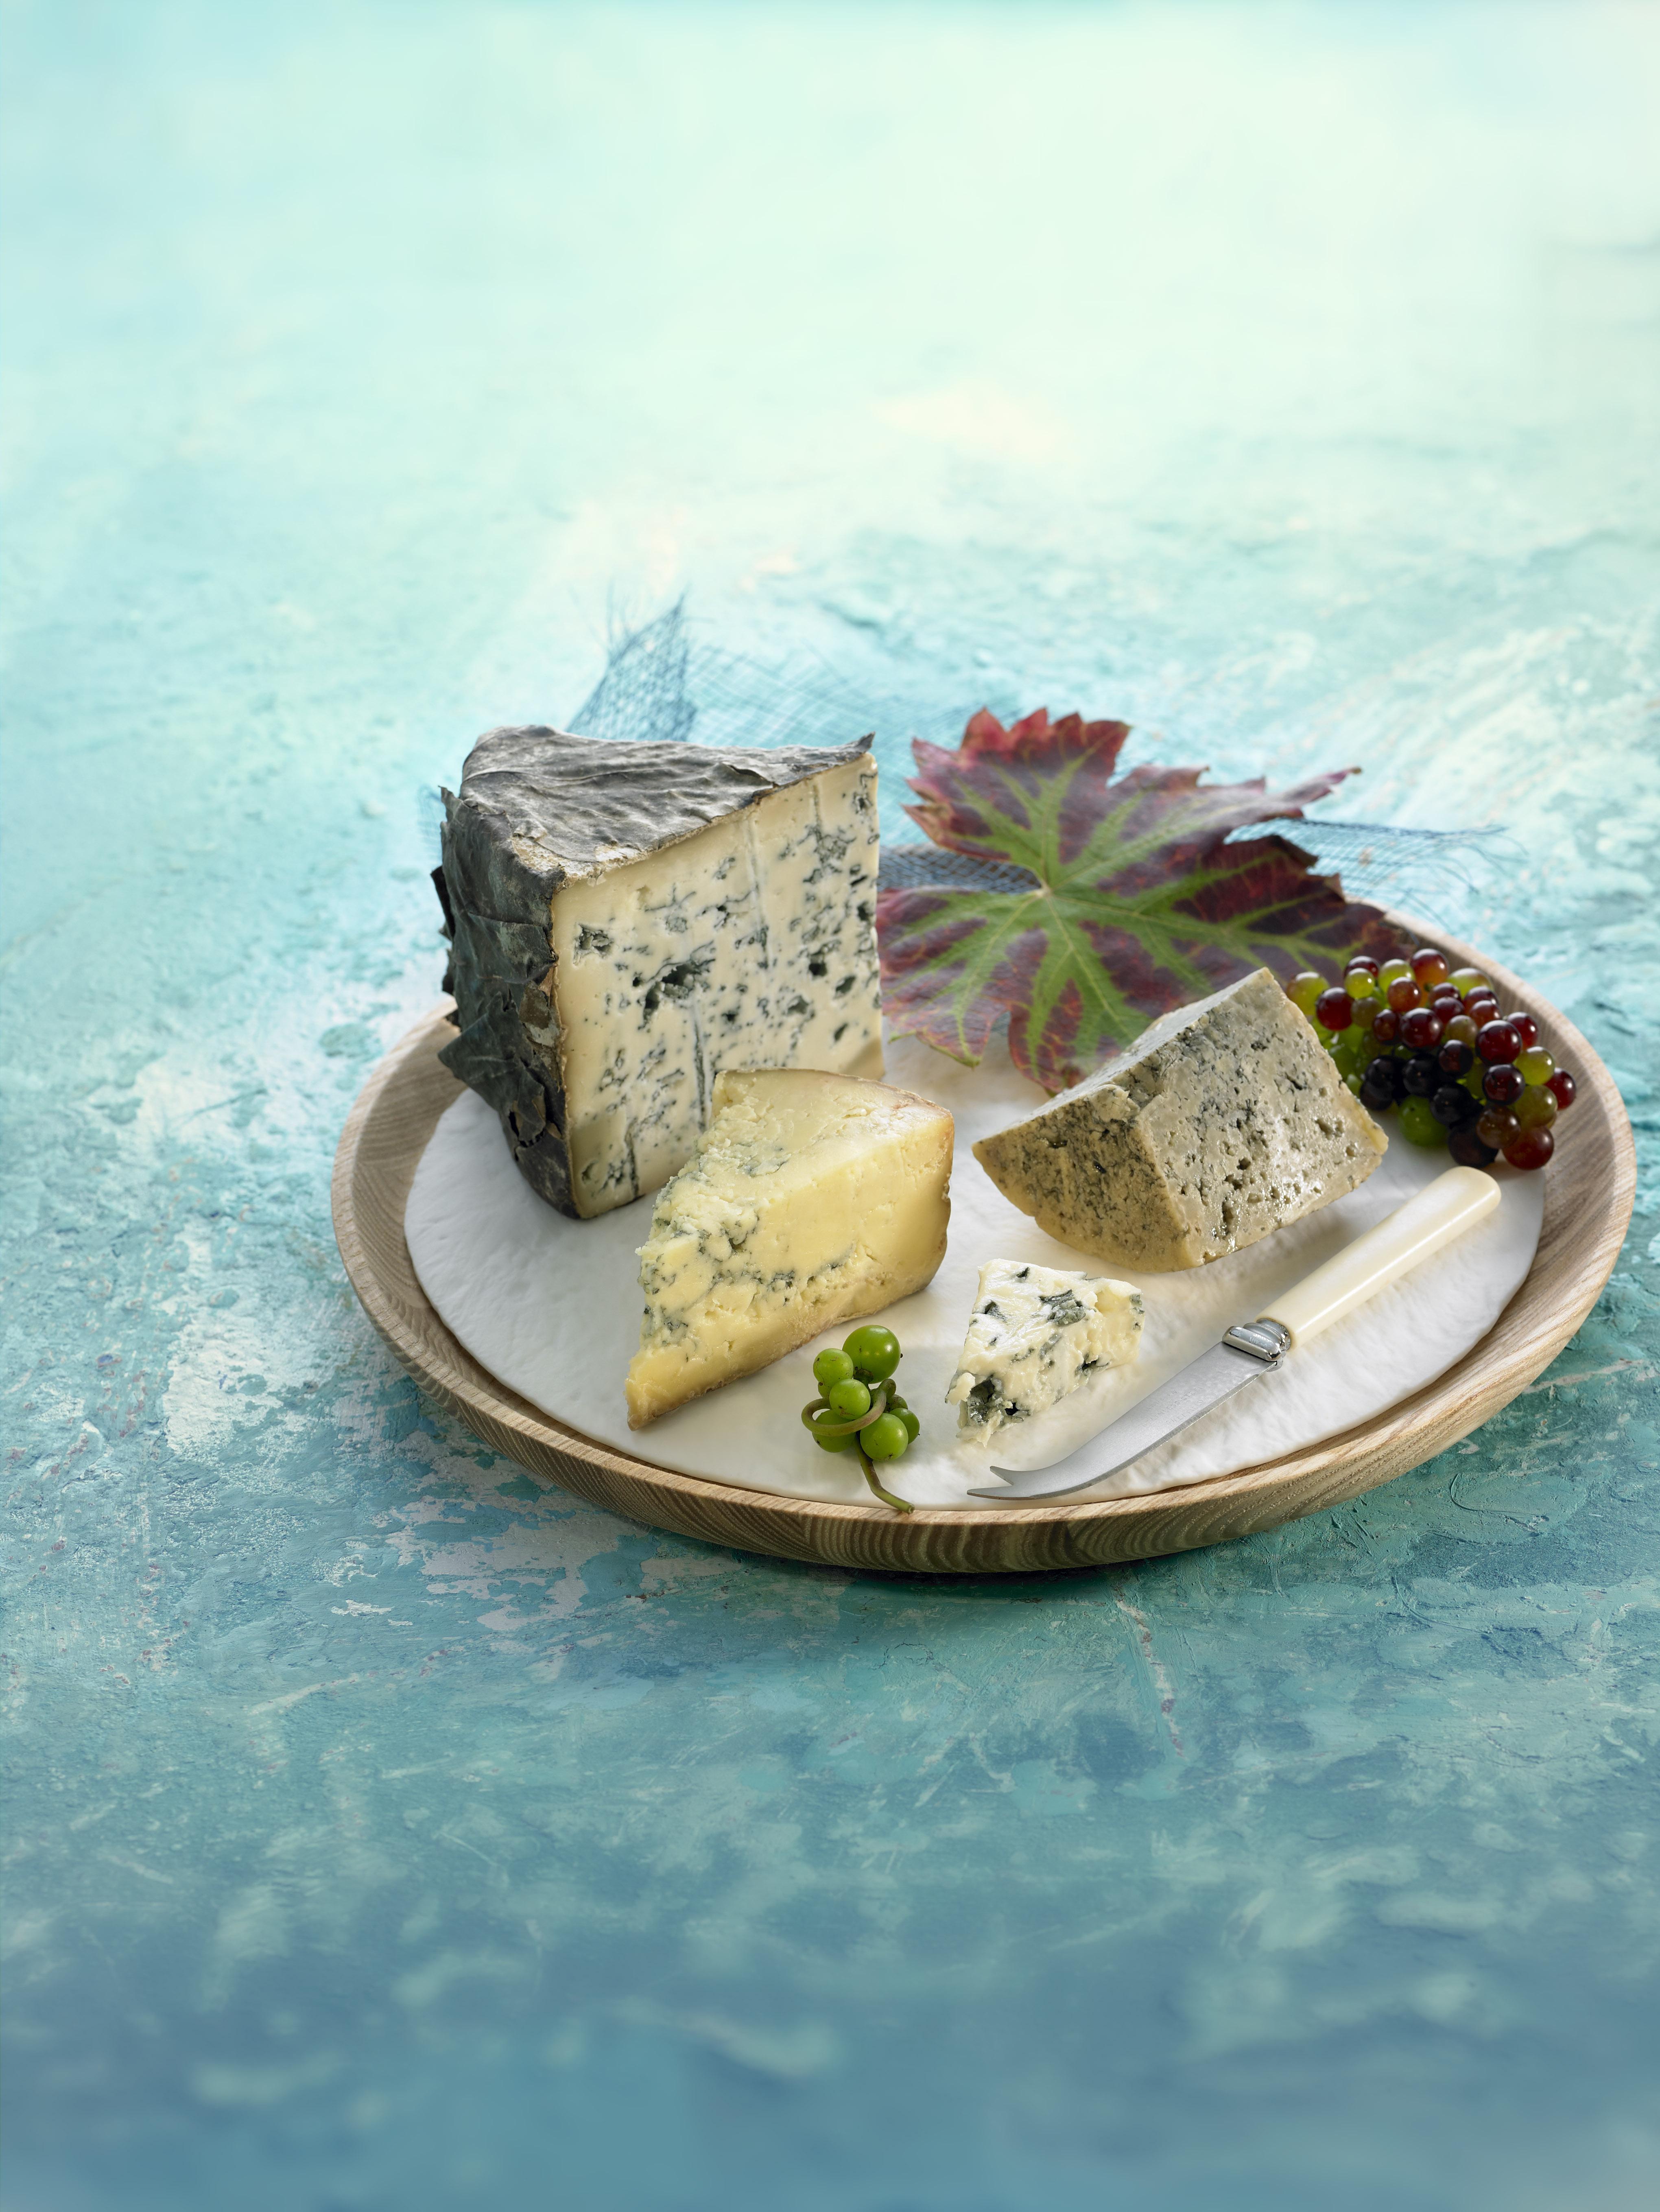 eventos cata de quesos catalanes